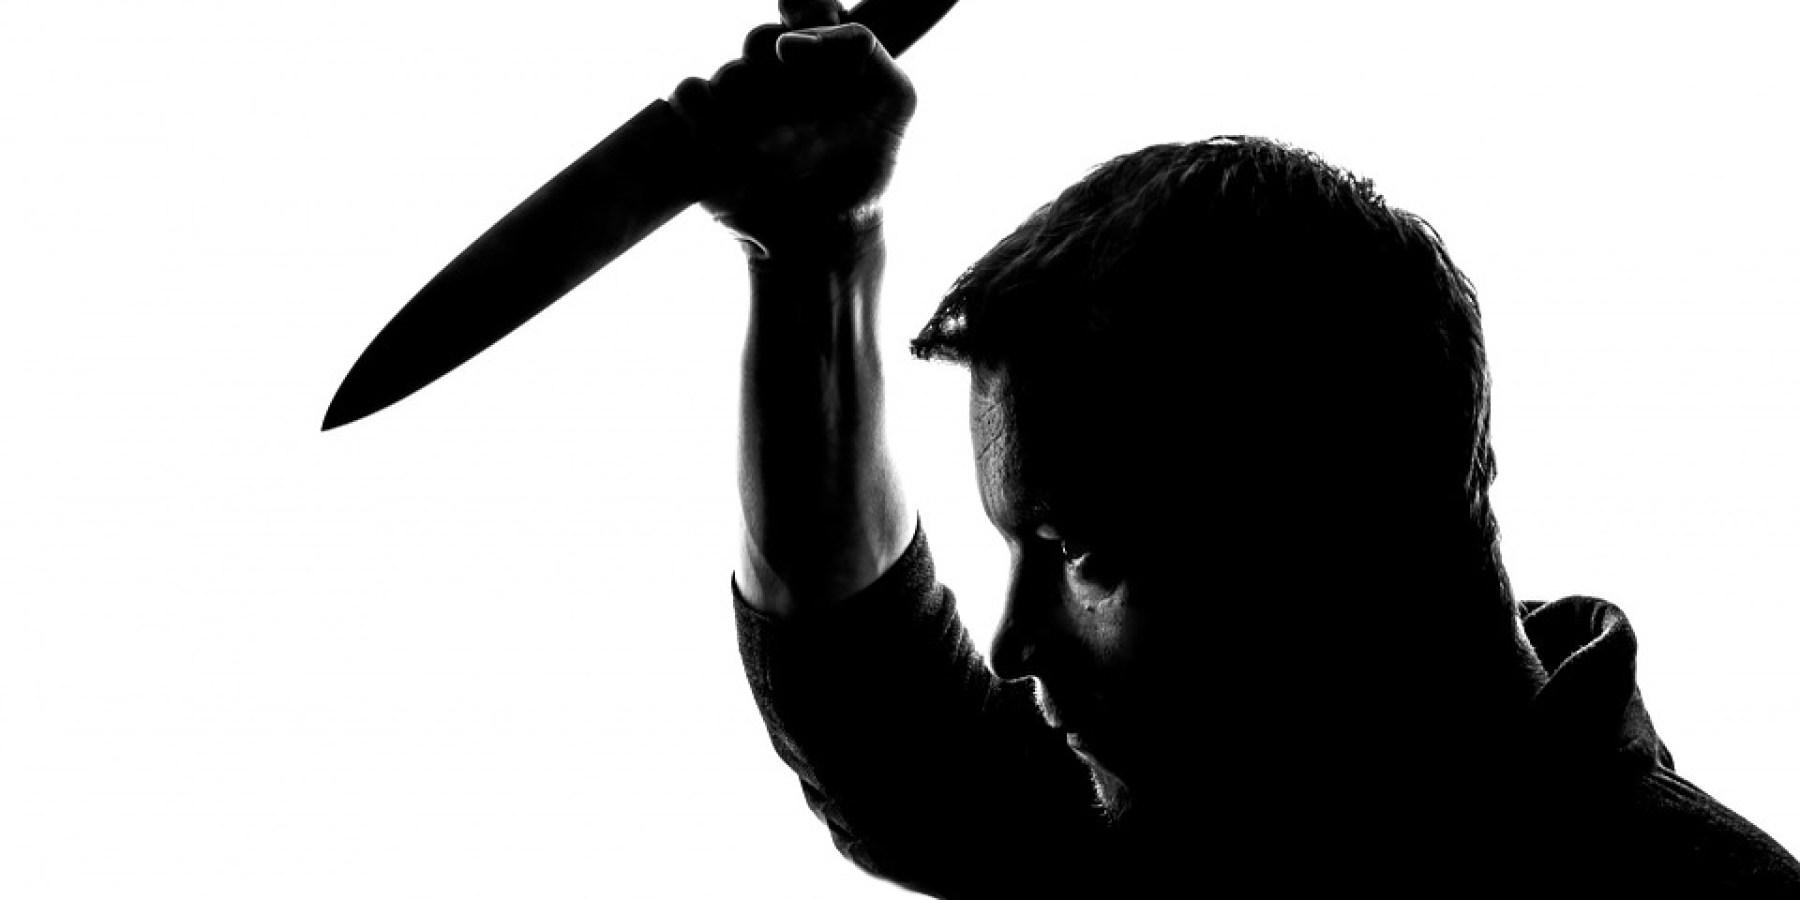 33-Jähriger nach Messerangriff verstorben